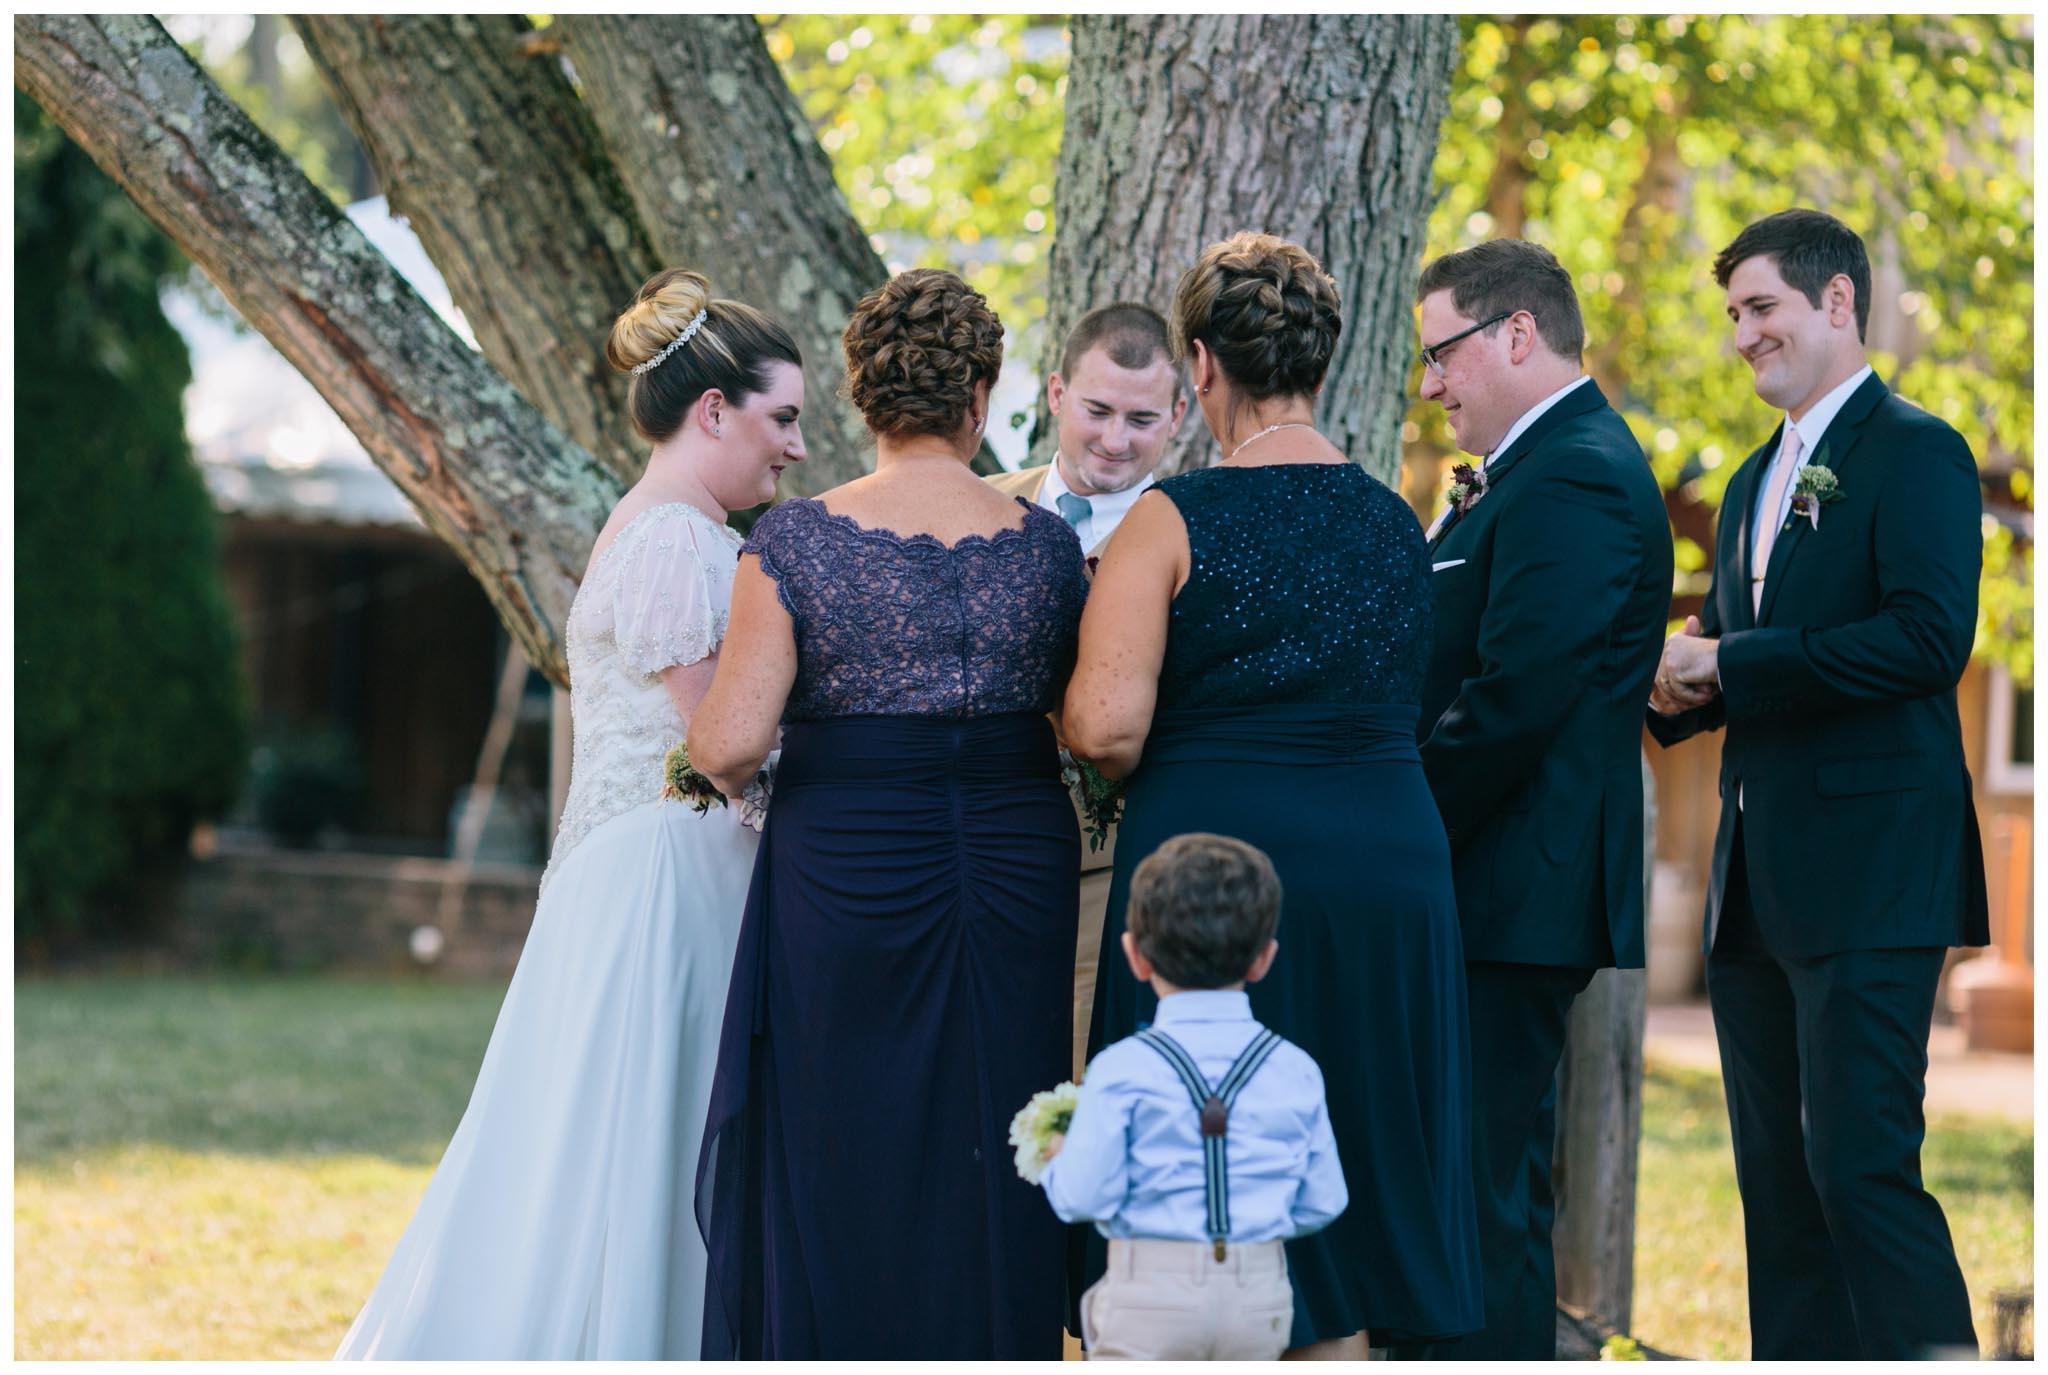 Rose Bank Winery, wedding, Bucks County